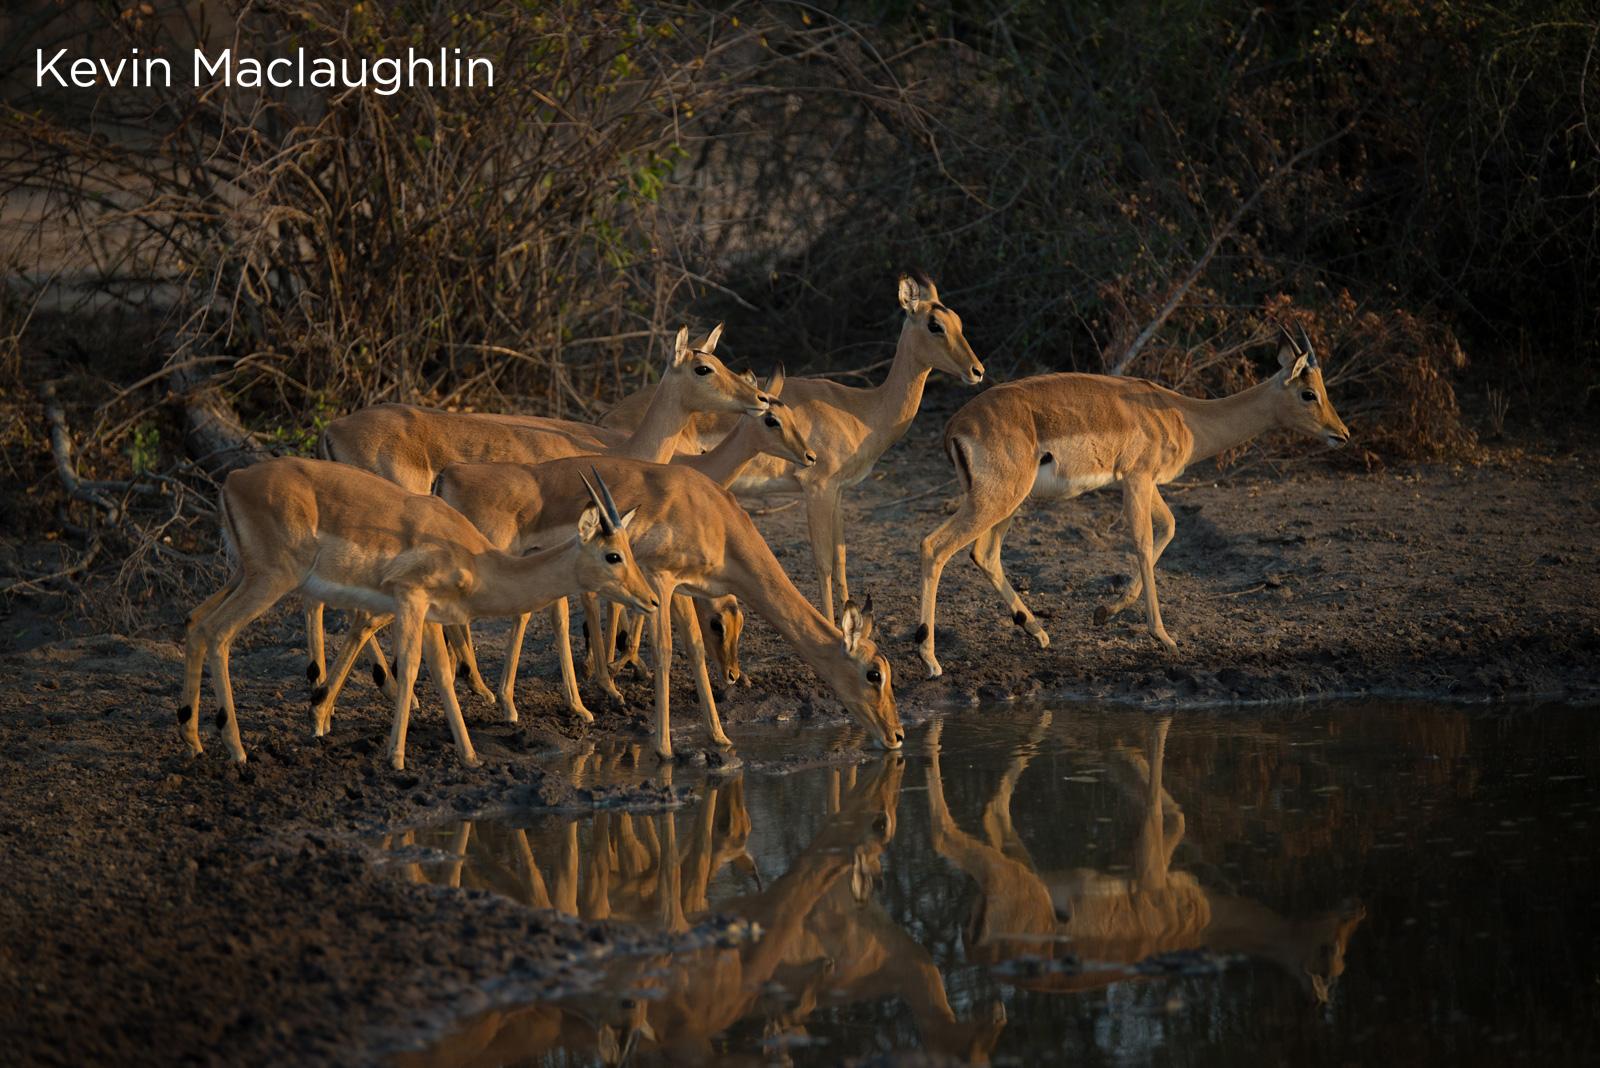 Buck at watering hole - Kevin Maclaughlin